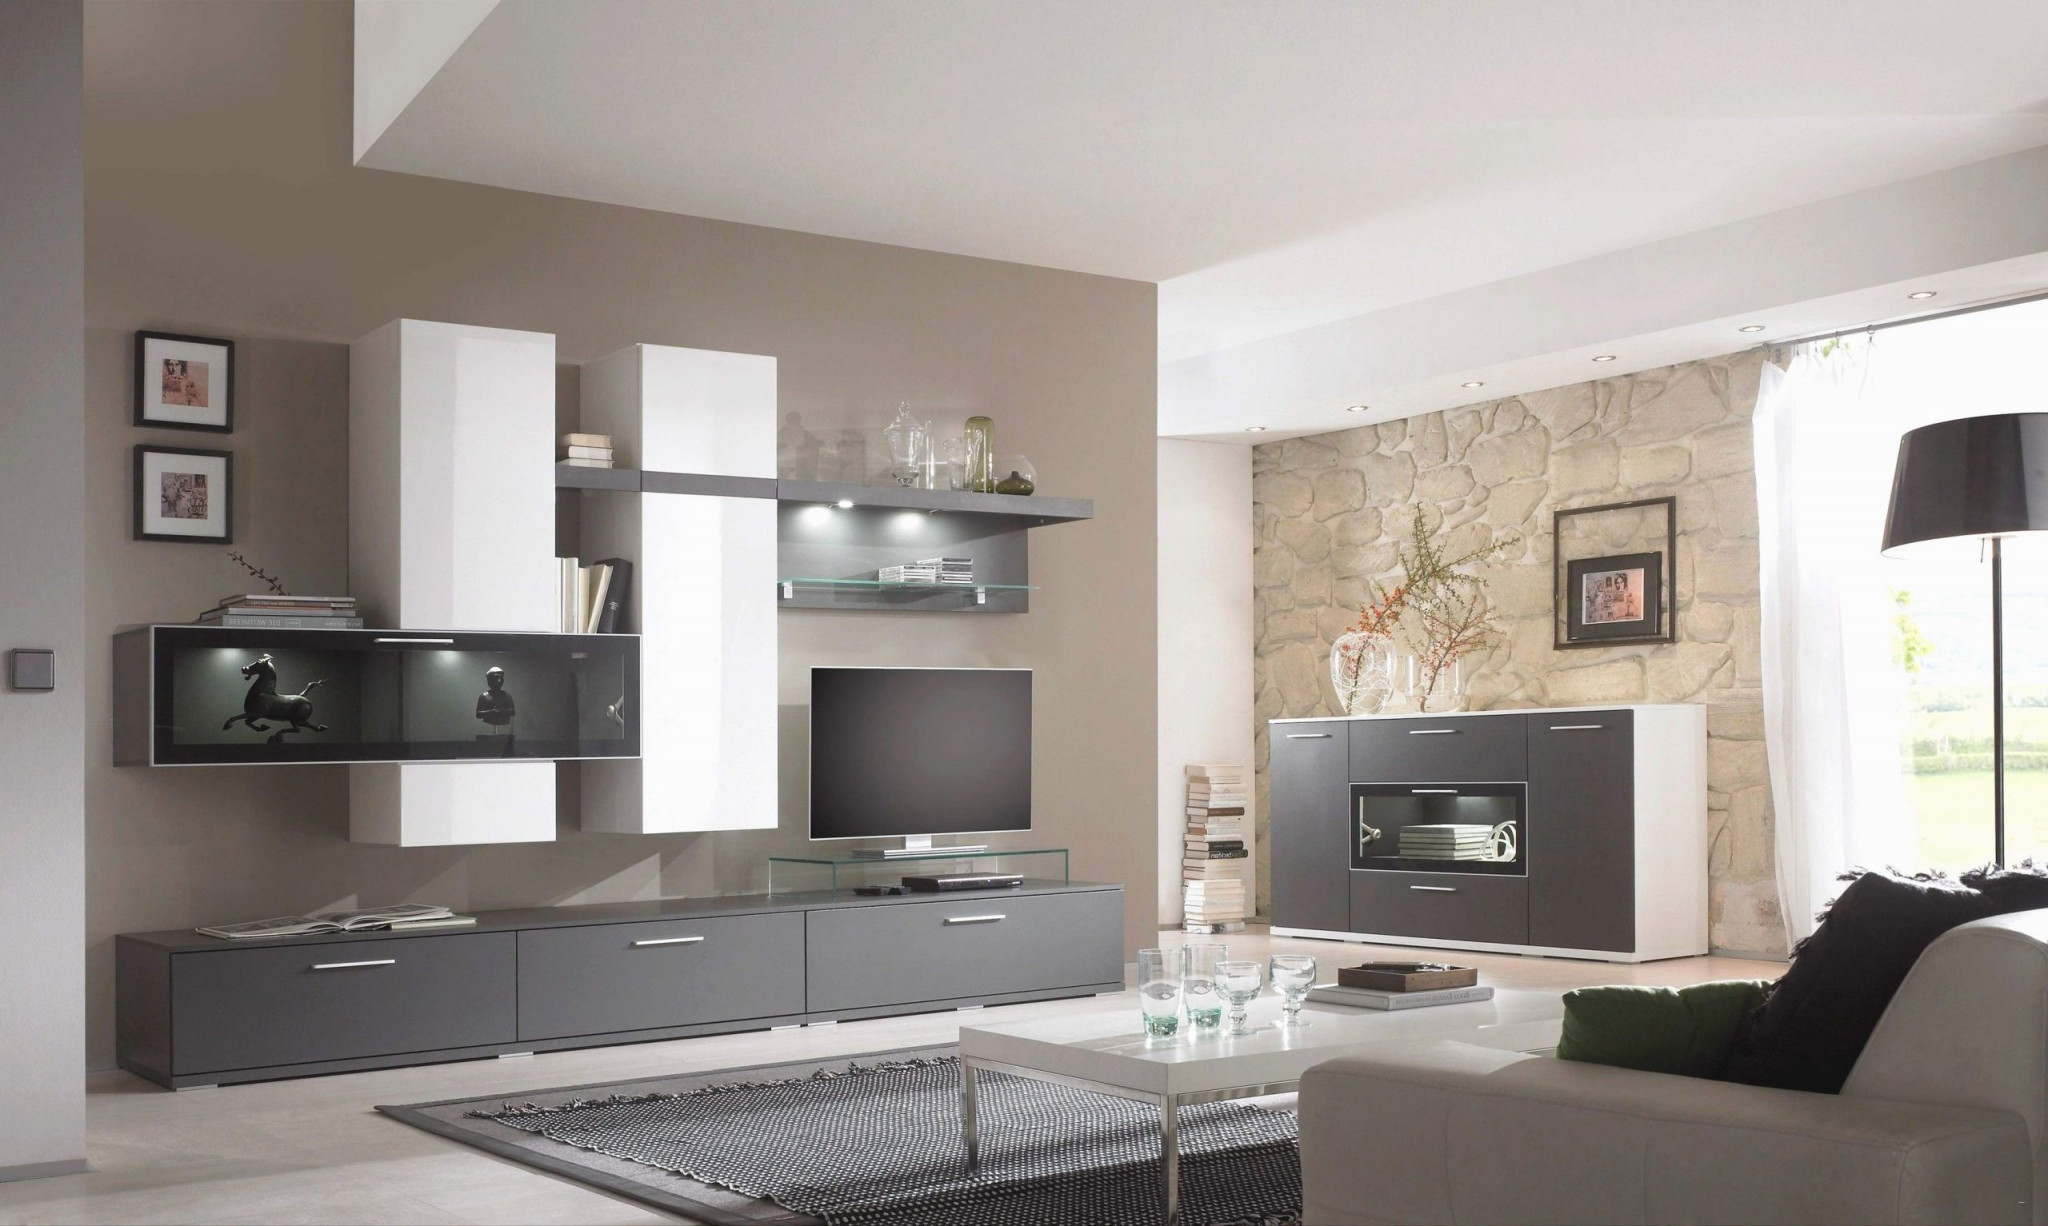 40 Genial Wohnzimmer Farblich Gestalten Das Beste Von von Wände Im Wohnzimmer Gestalten Bild